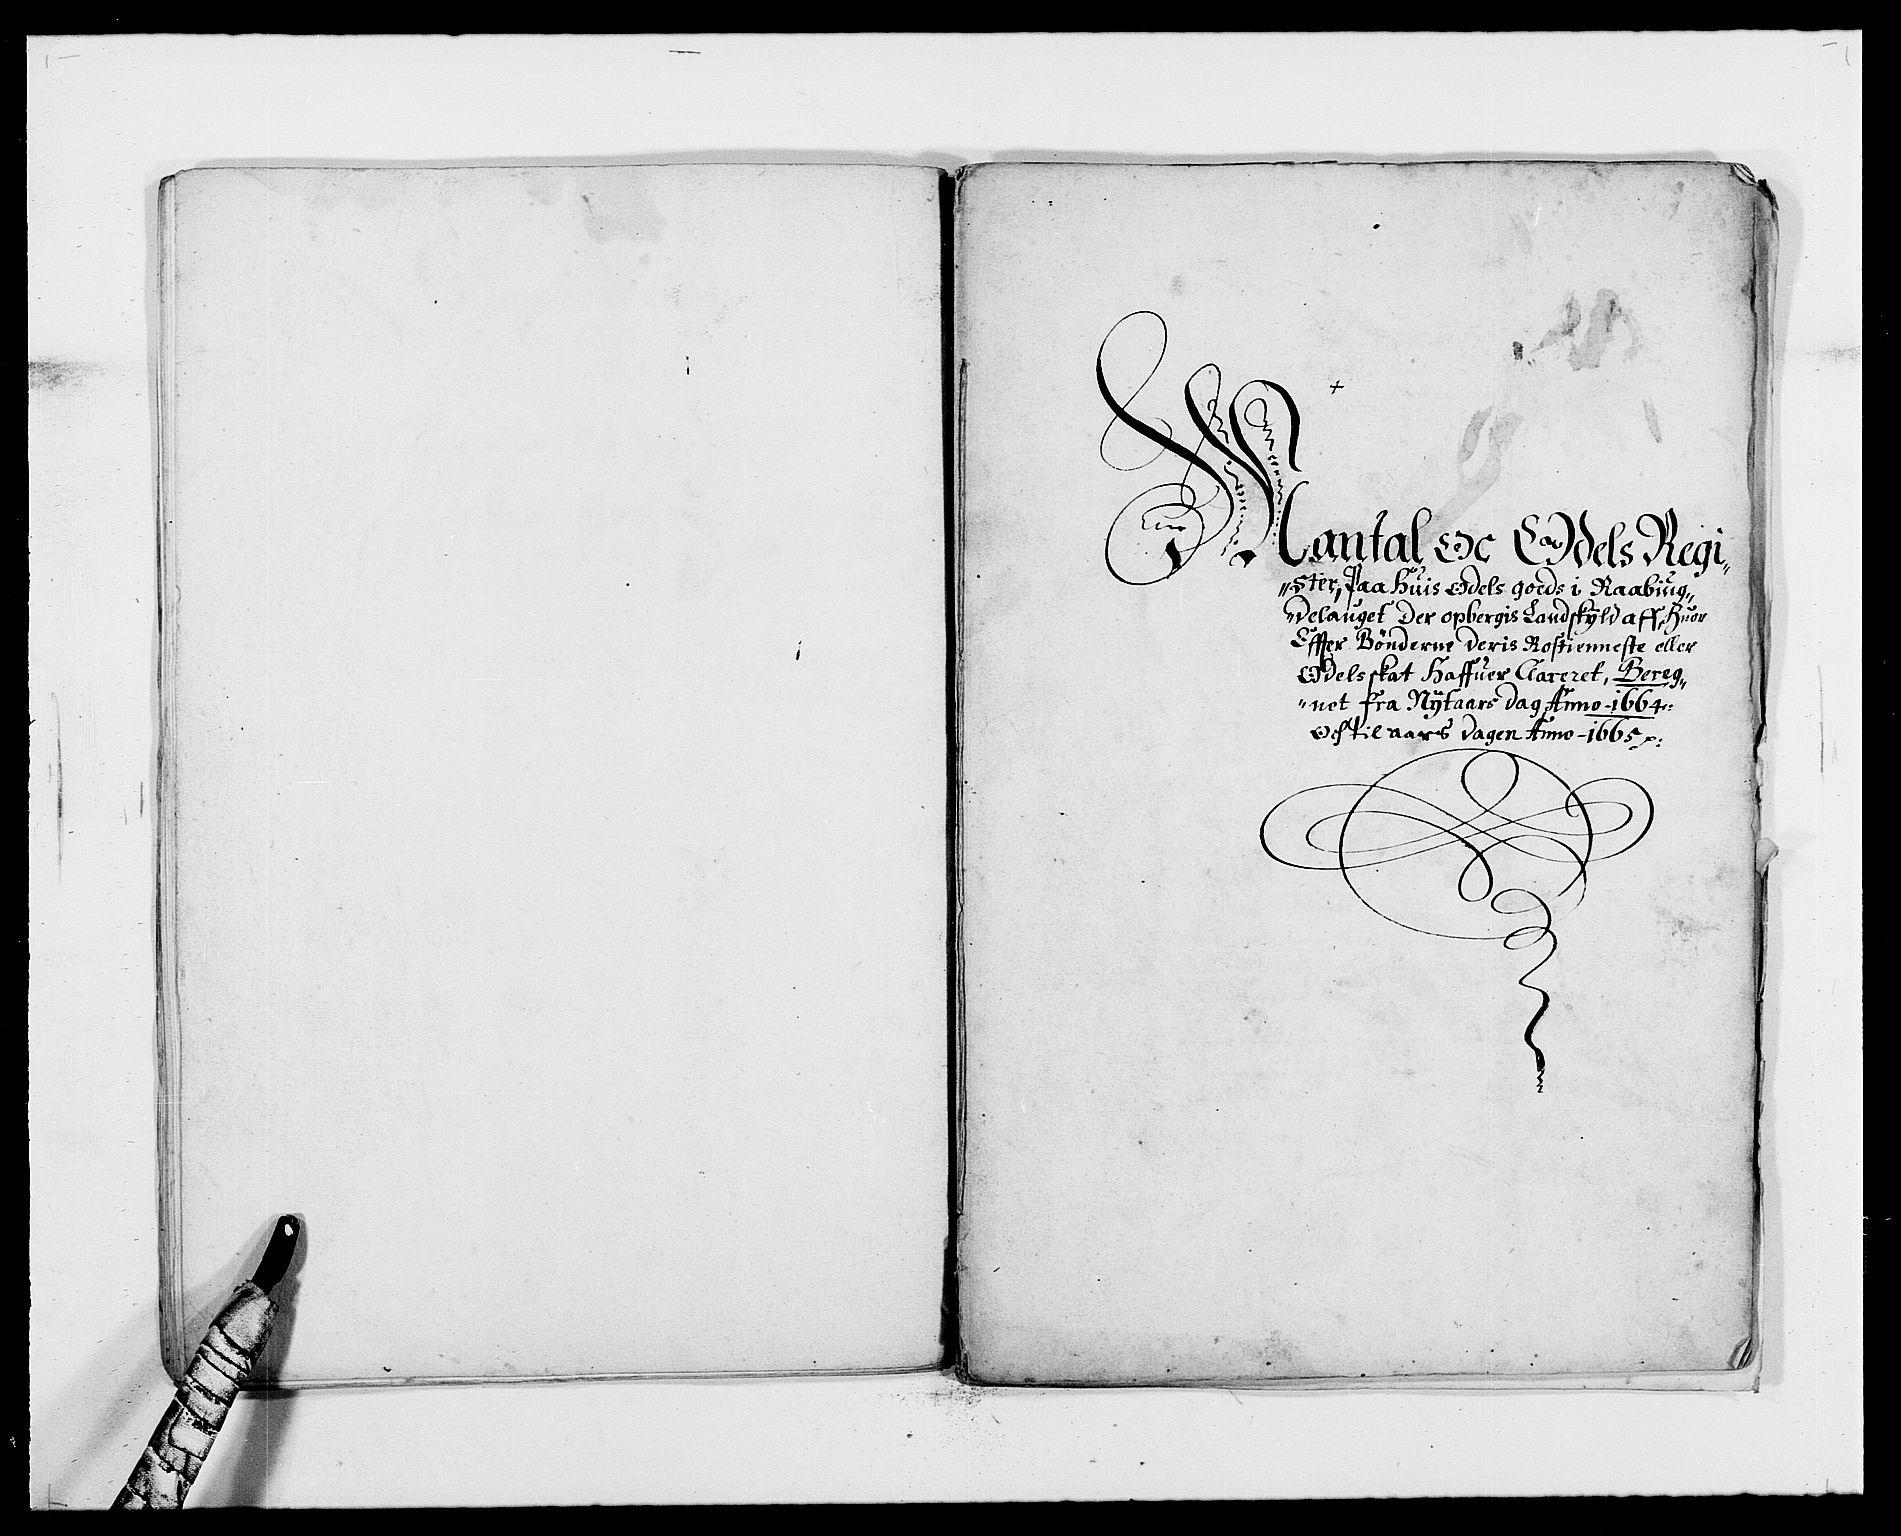 RA, Rentekammeret inntil 1814, Reviderte regnskaper, Fogderegnskap, R40/L2431: Fogderegnskap Råbyggelag, 1664-1668, s. 61